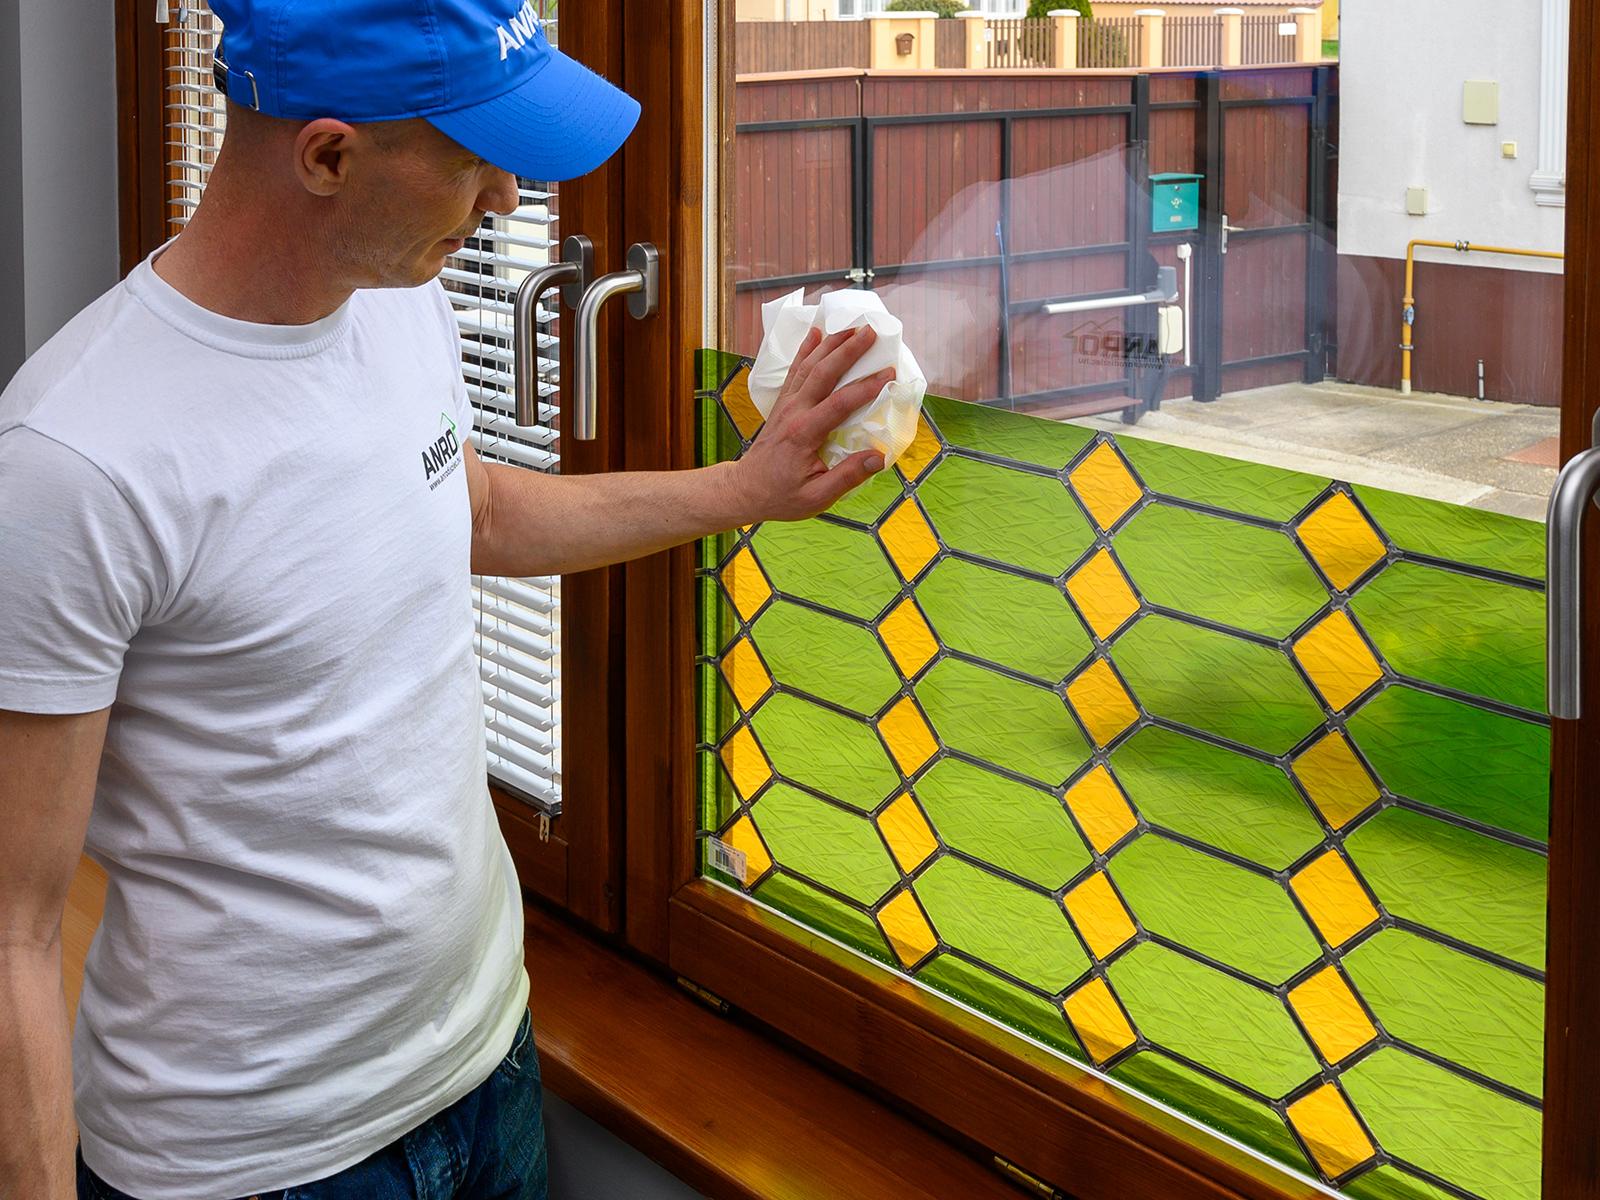 A reneszánsz mozaik fantázianevű fólia kifejezetten felidézi a színes templomüvegek és díszes ólomüveg ablakok látványát!